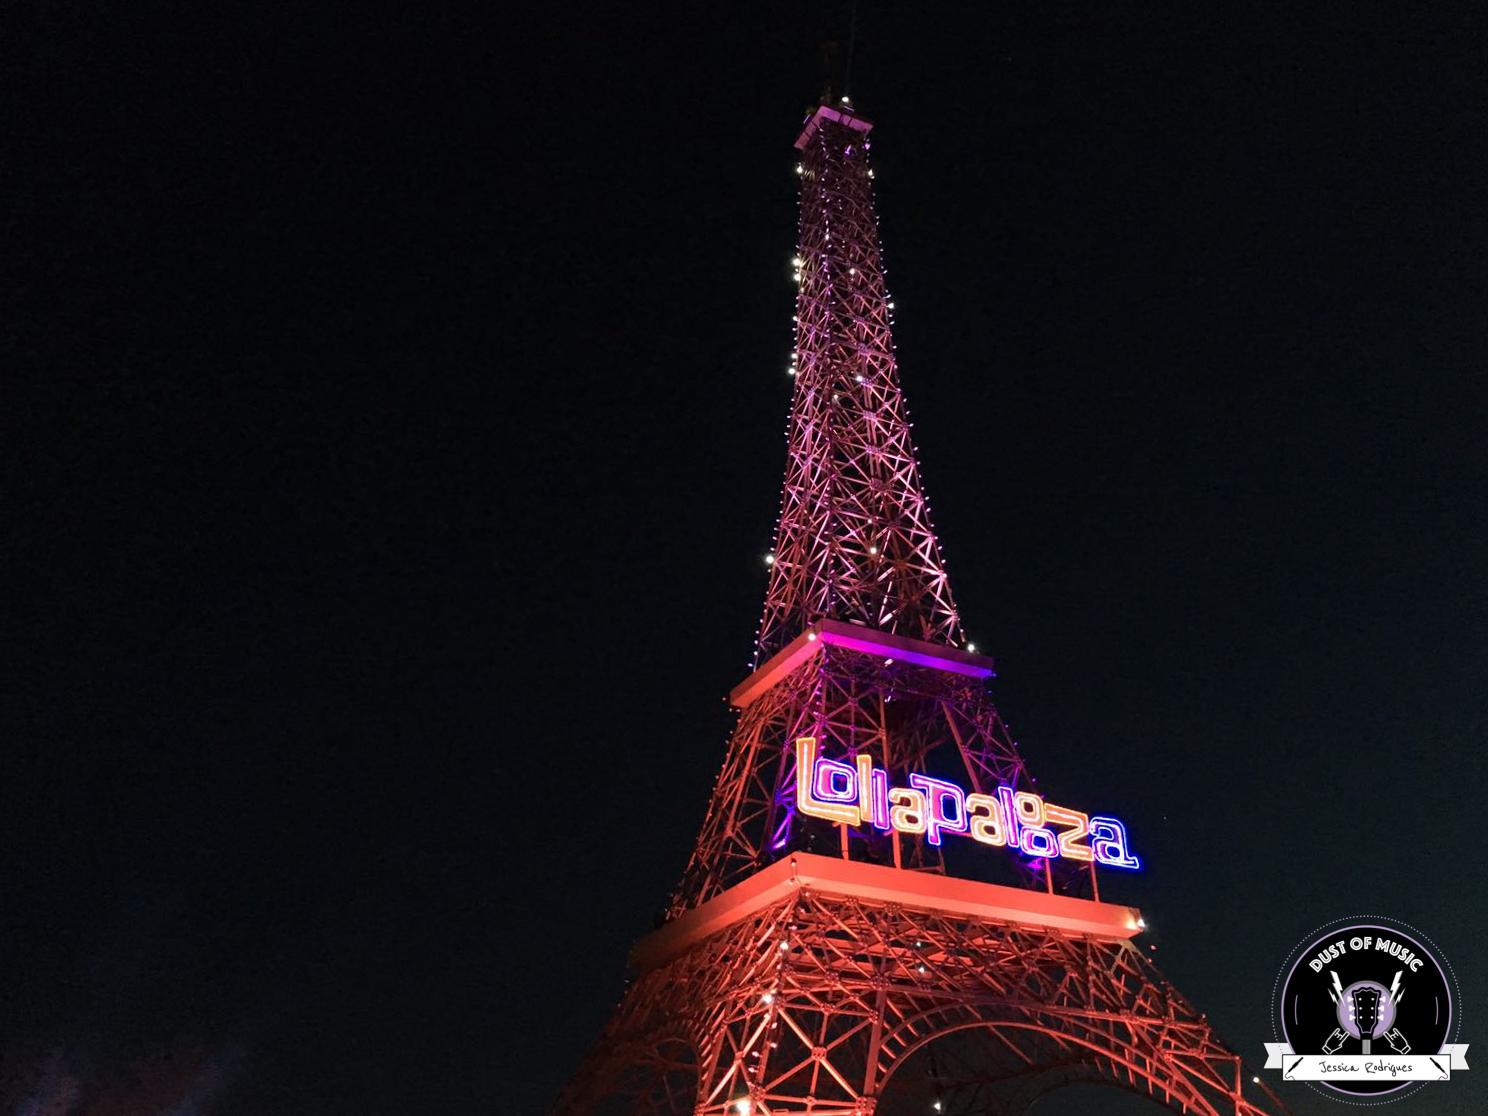 Une journée au Lollapalooza Paris : un festival venu d'ailleurs7 min de lecture